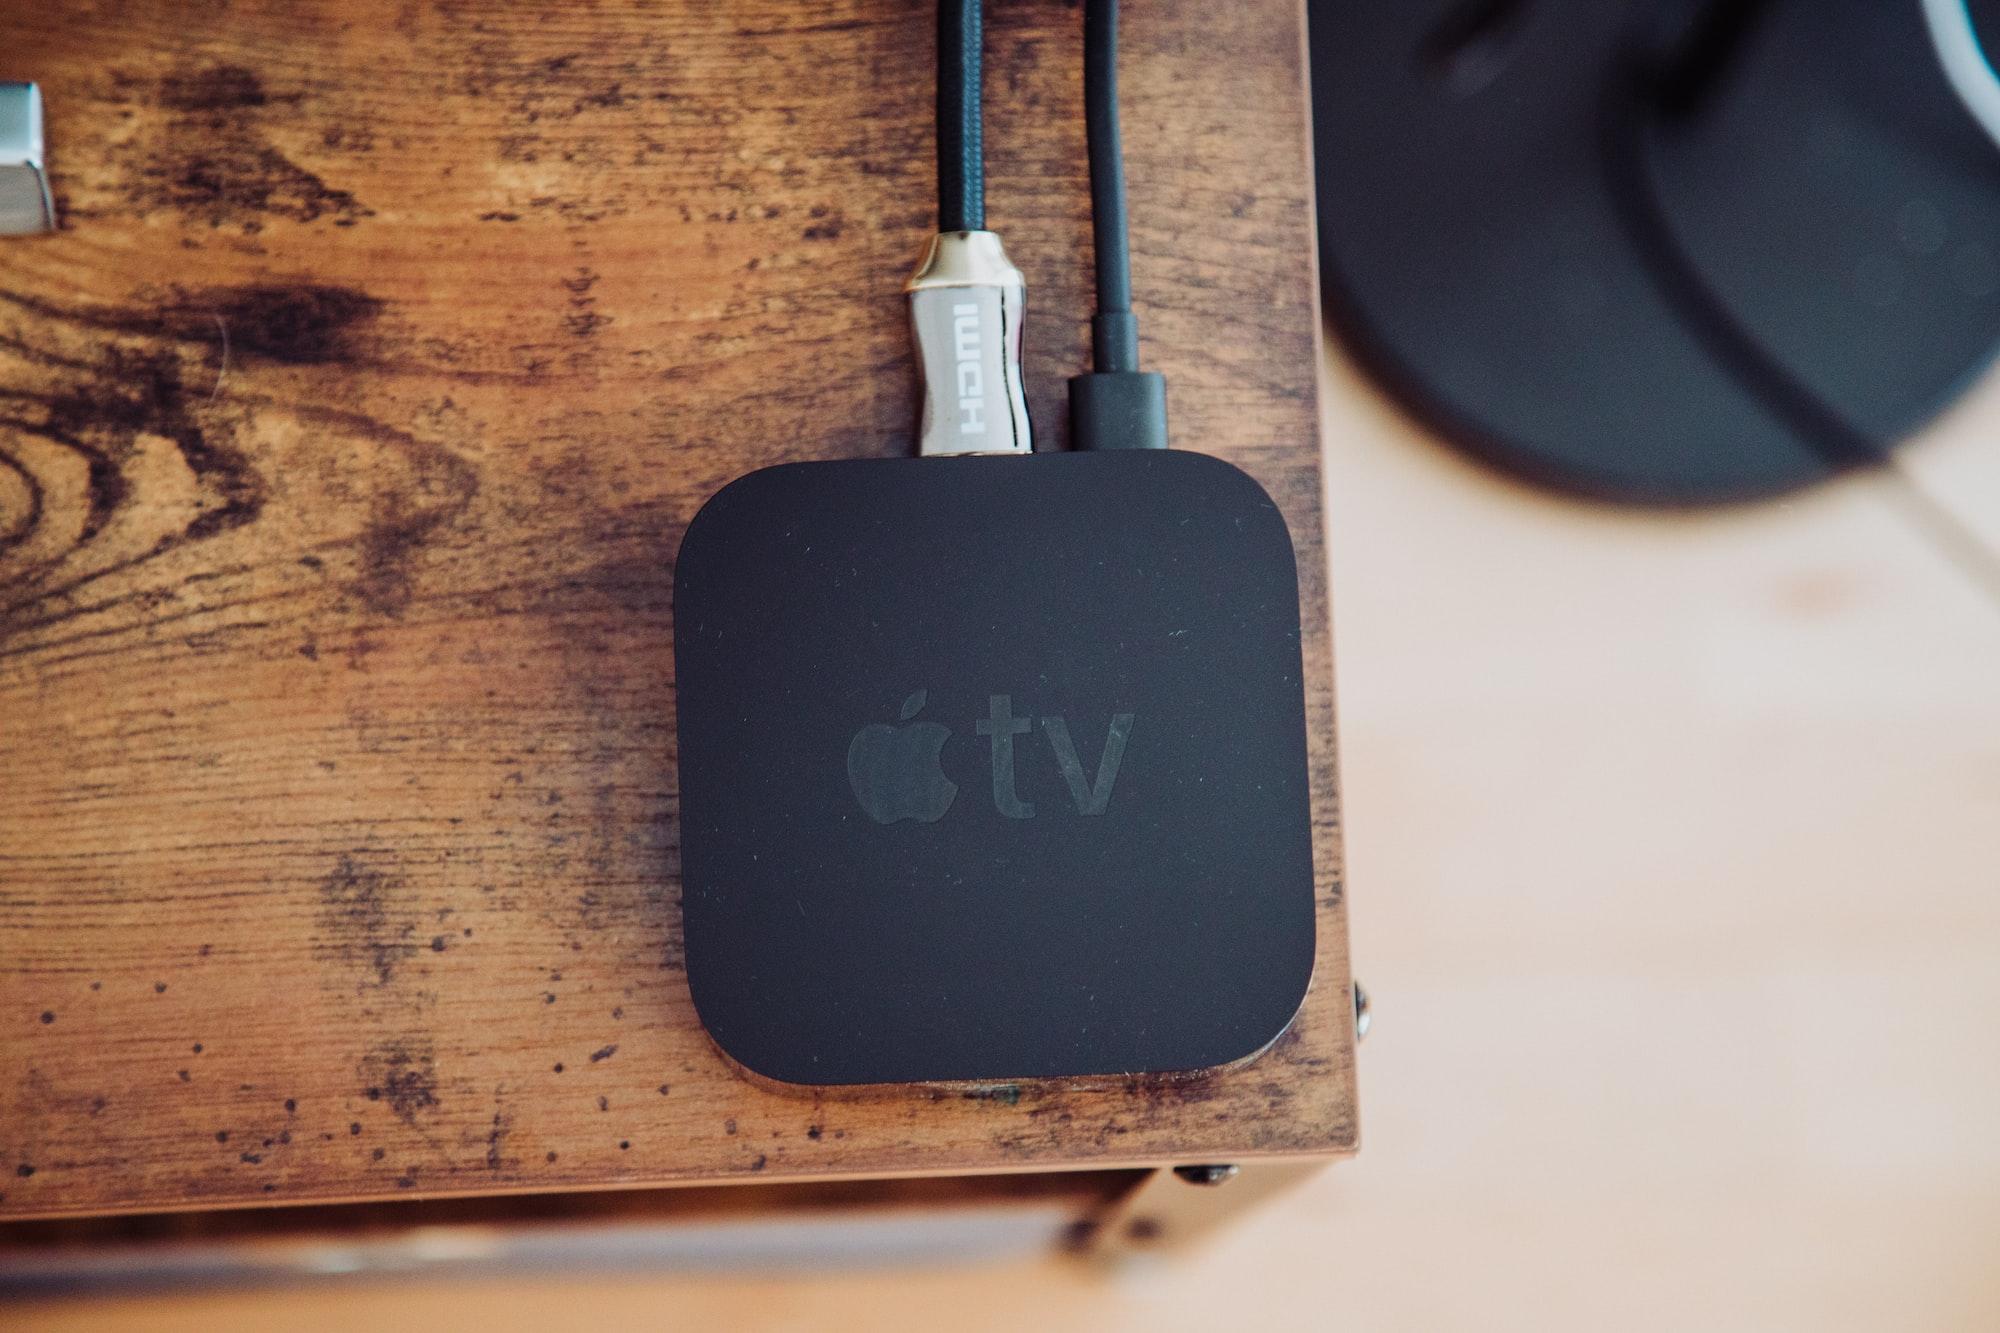 IPVanish for Apple TV: VPN Alternatives For Blocked Apps and TV Shows